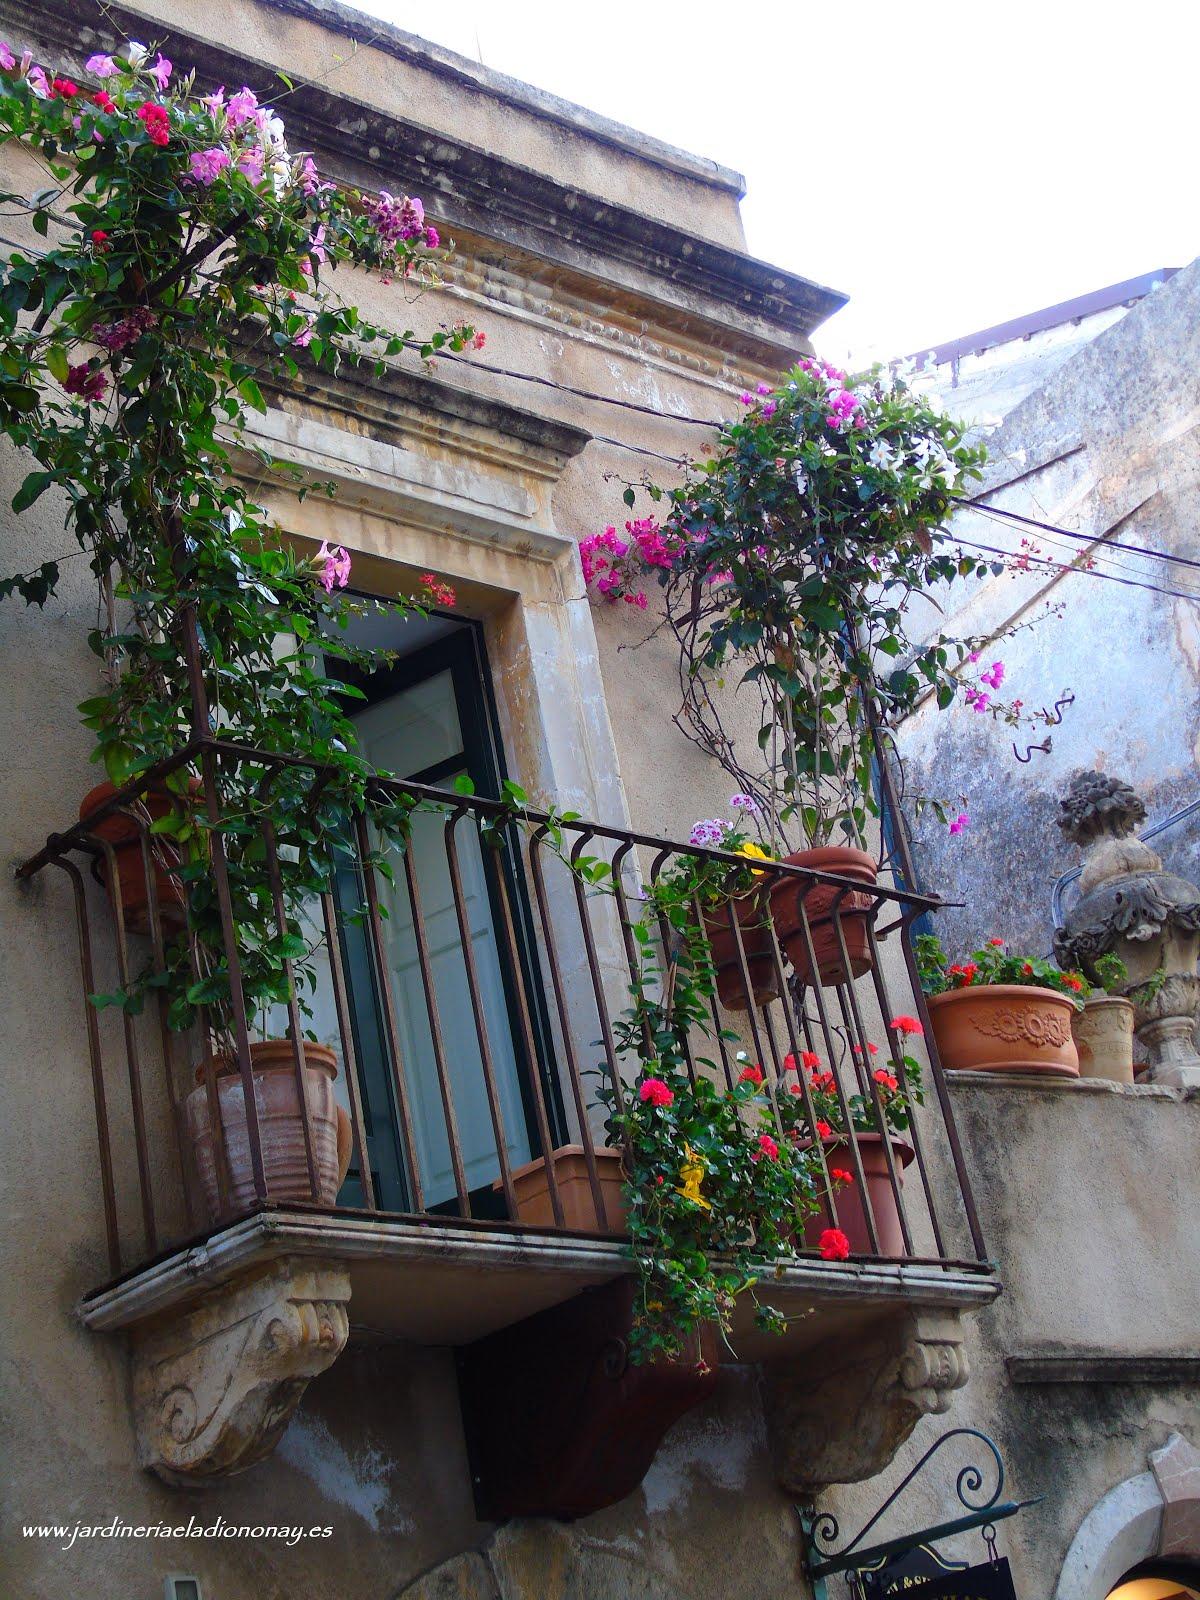 Jardineria eladio nonay trepadoras multicolores - Jardineria eladio nonay ...